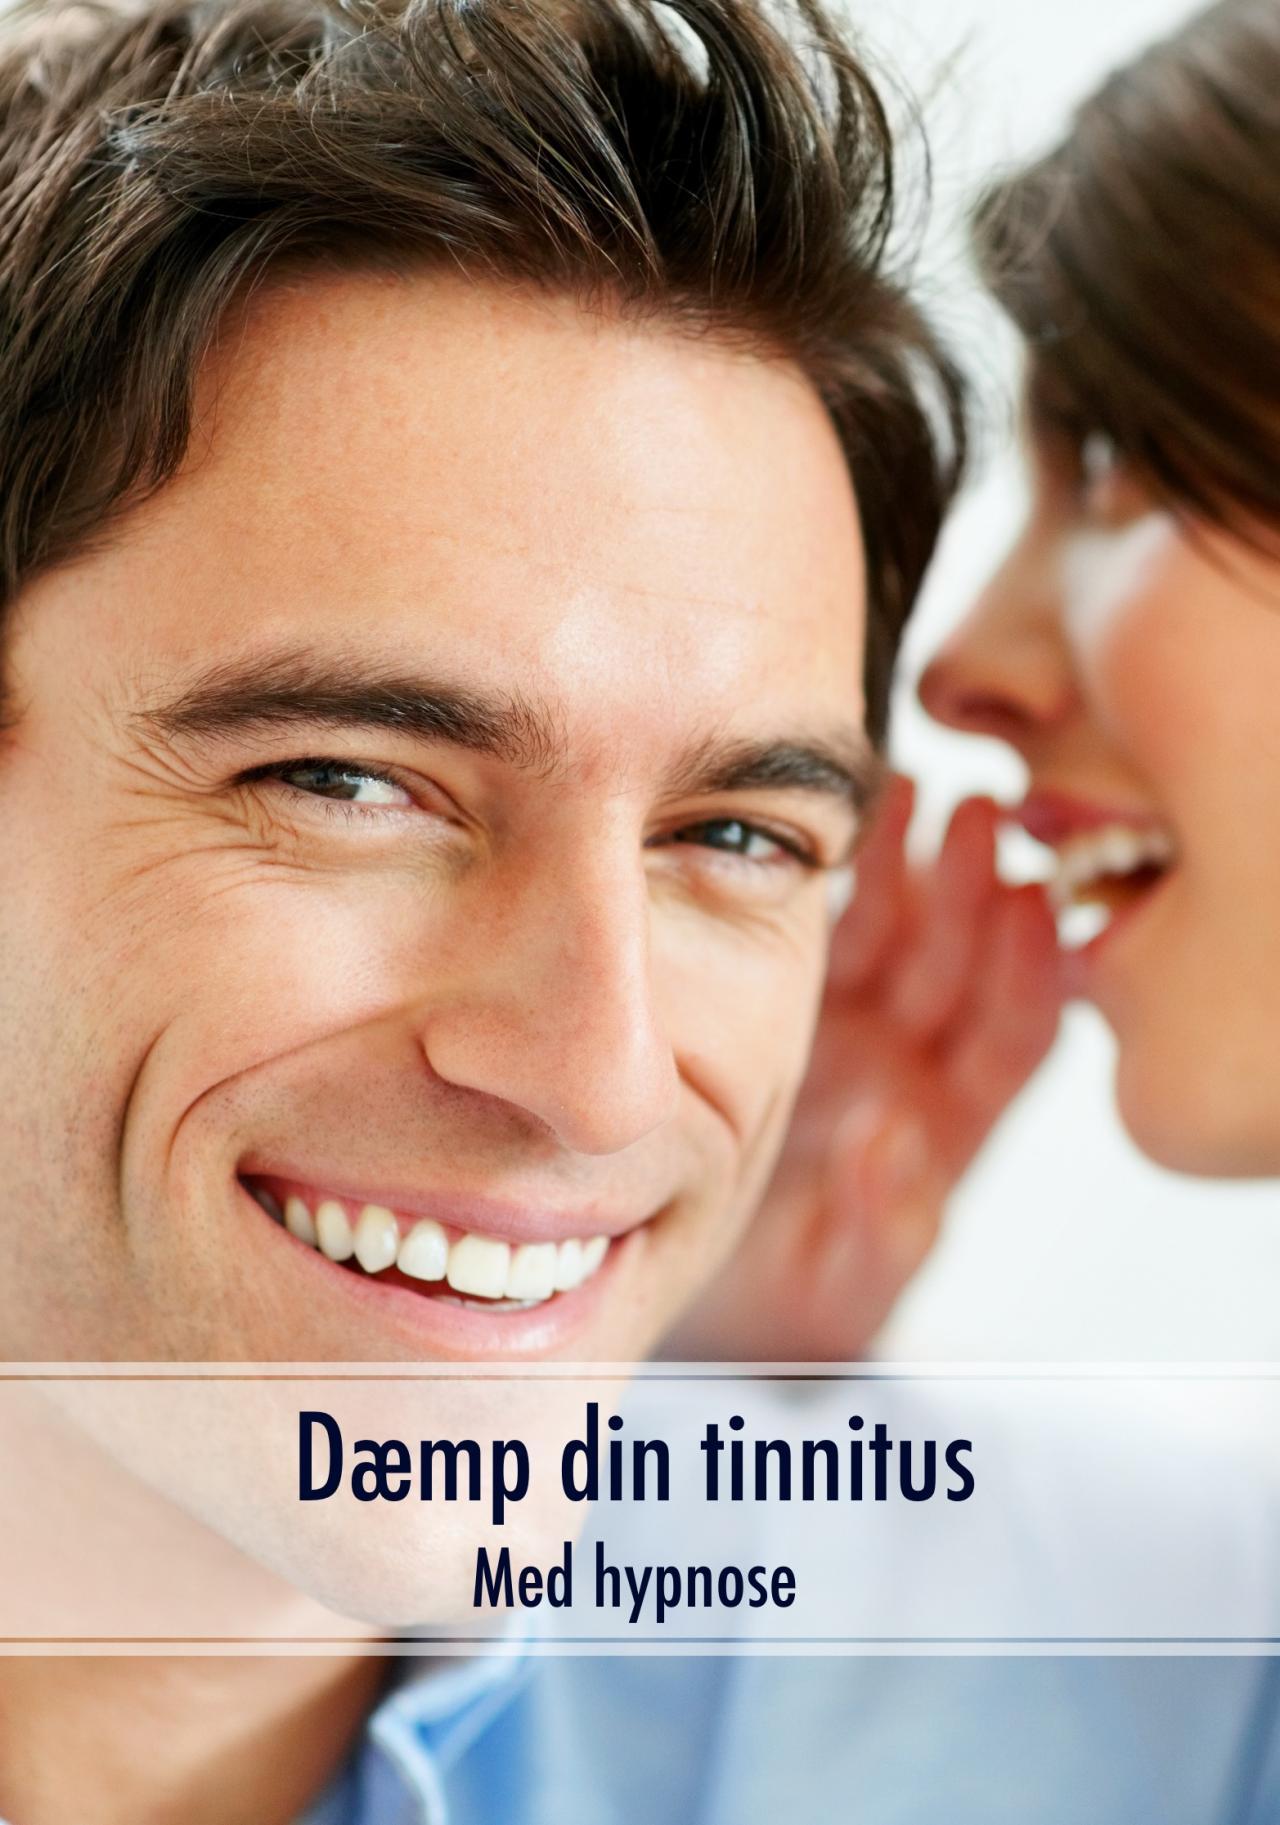 N/A Dæmp din tinnitus med hypnose fra mindly.dk